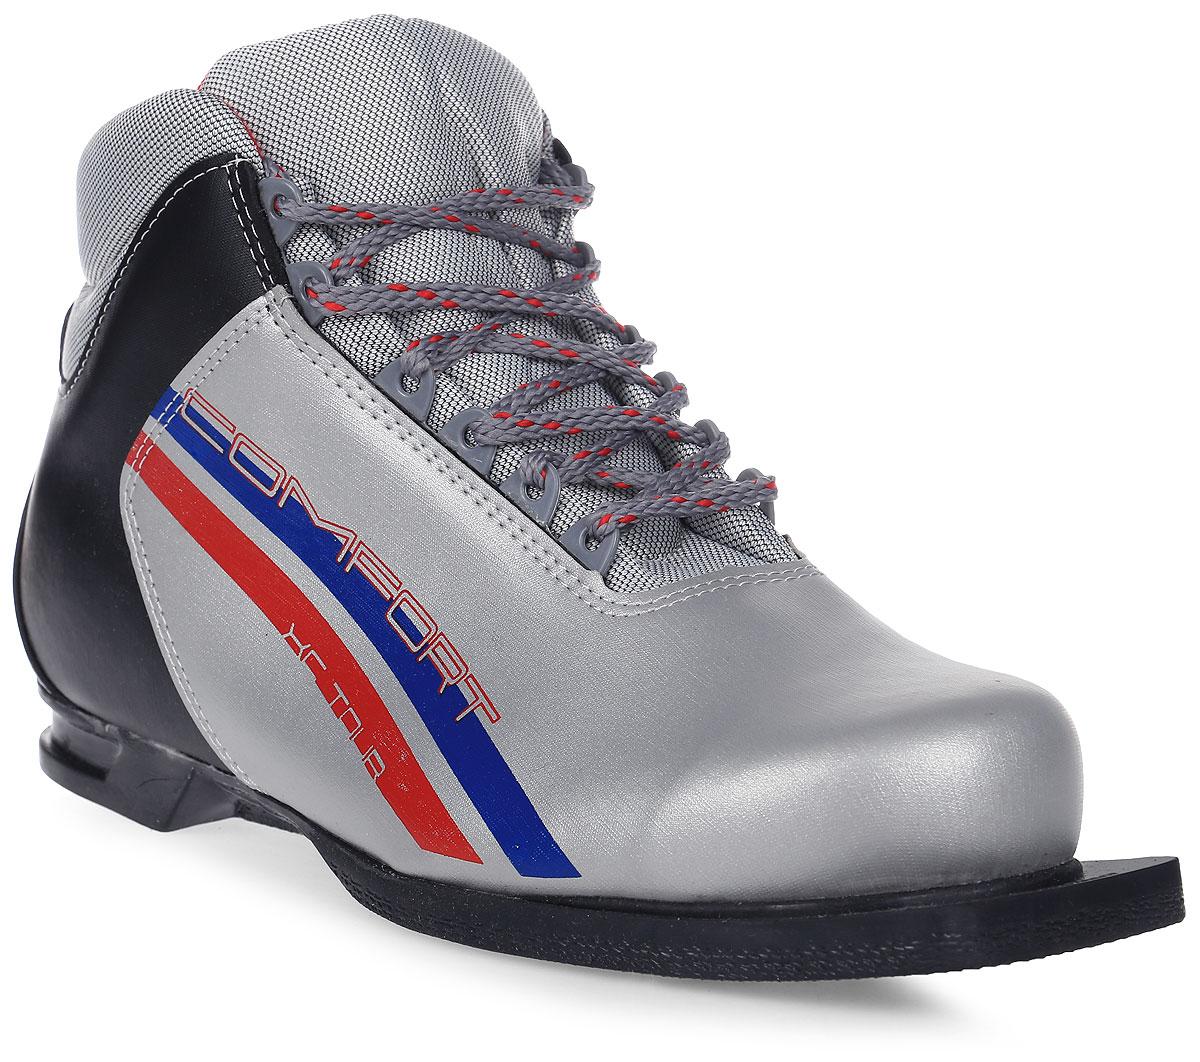 Ботинки лыжные Marax, цвет: серебристый, синий, черный. М350. Размер 40